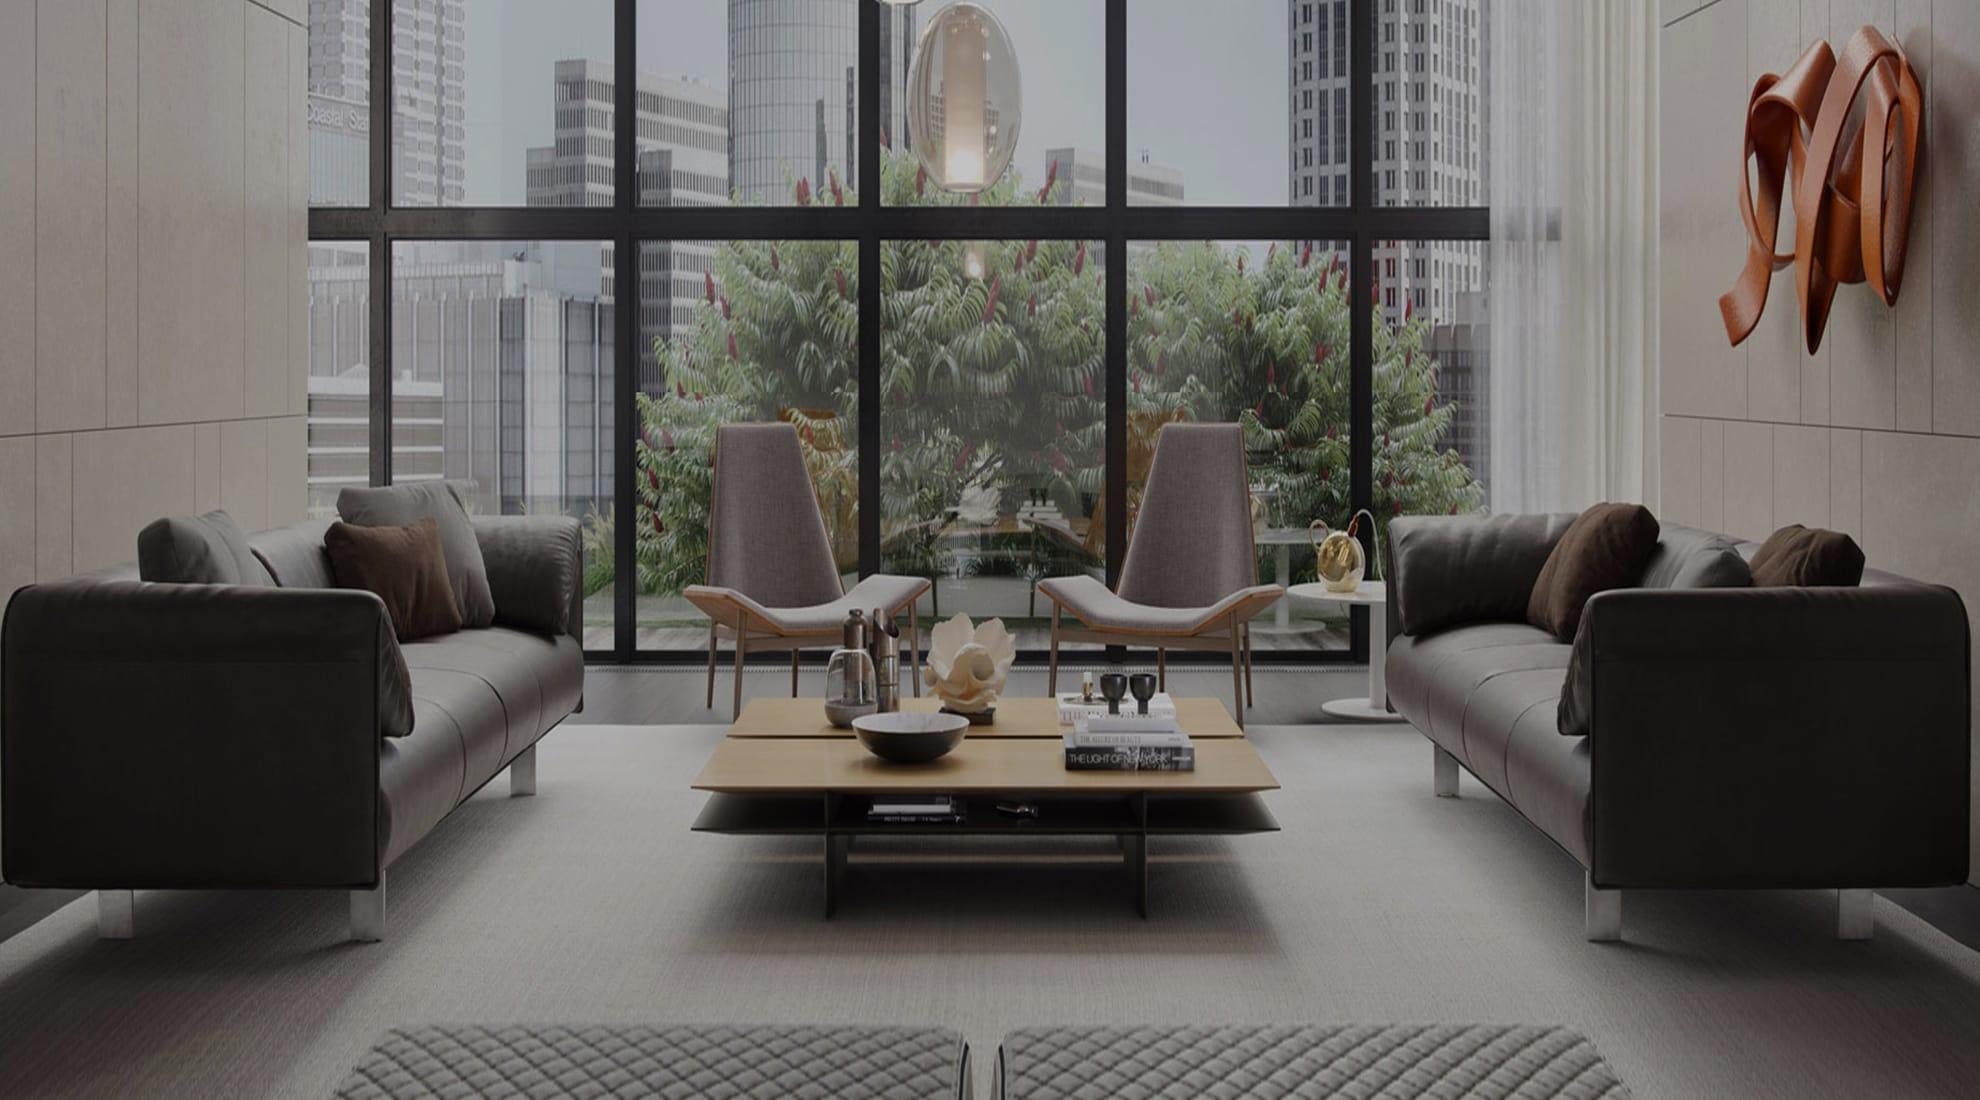 Living Room Design Ideas 3 Living Room Design Tips At Lumenscom